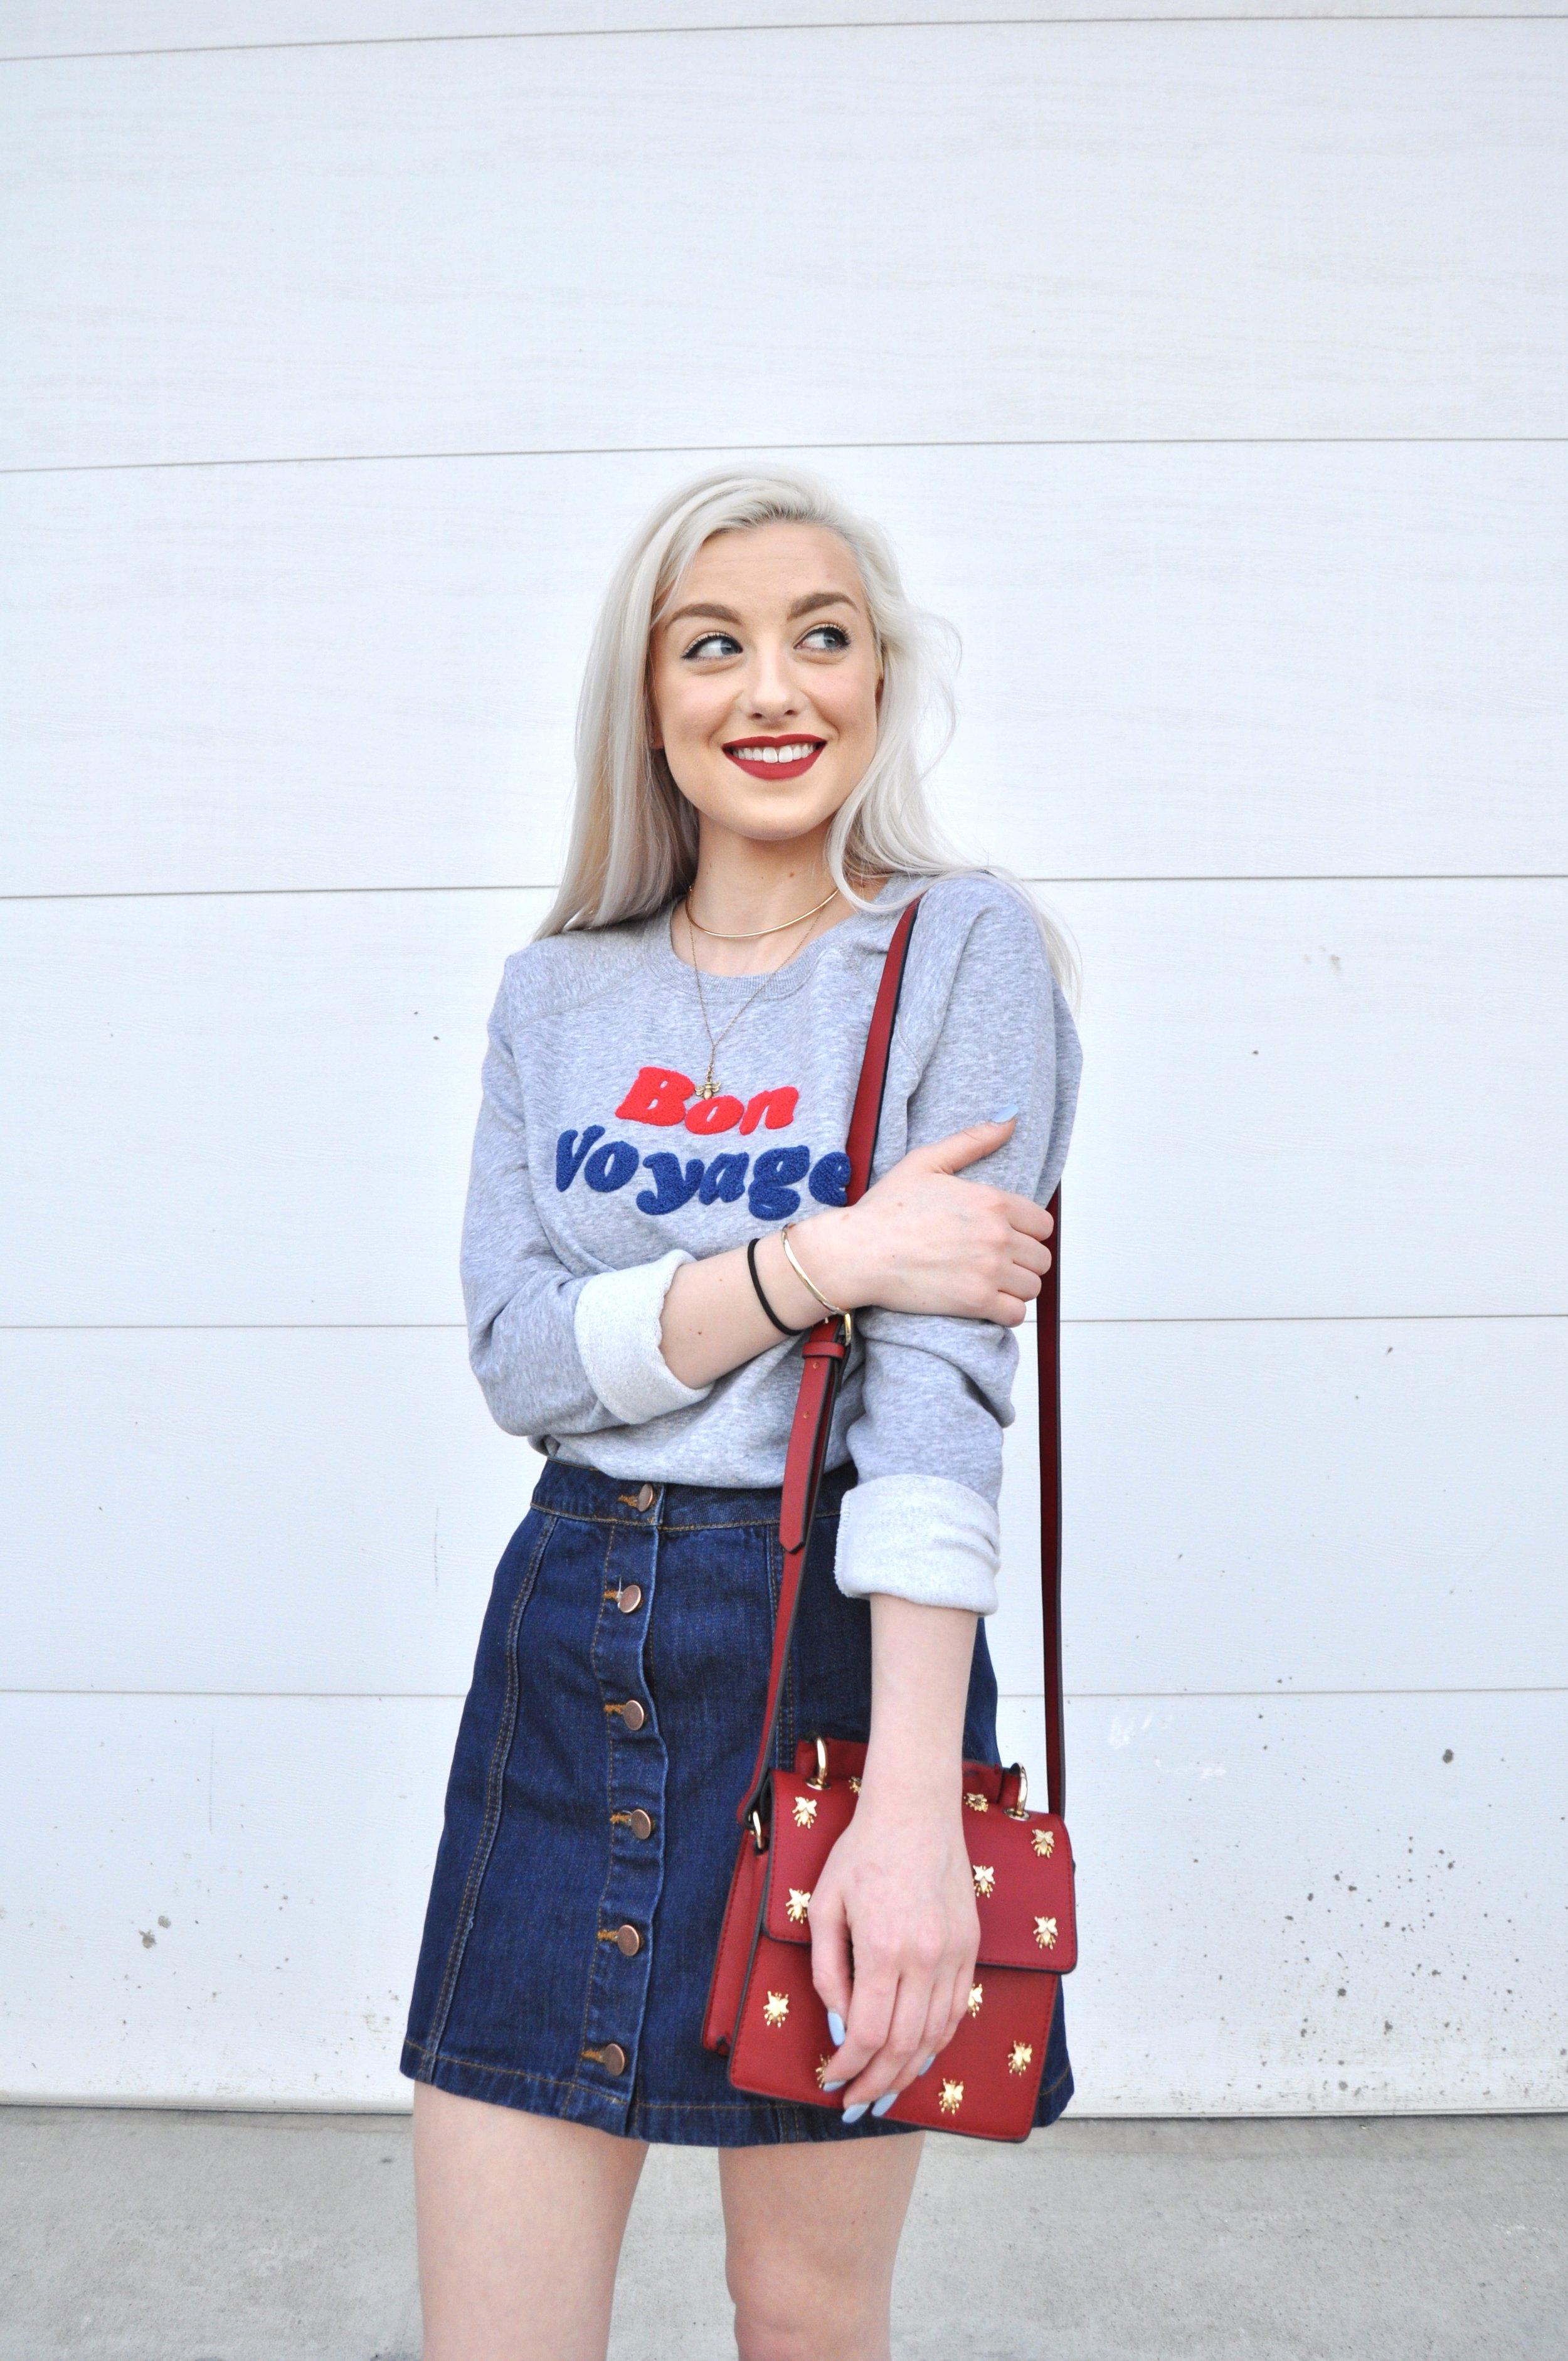 Sweatshirt: Old Navy, Skirt: Forever21, Bag: Zara, Shoes: Steve Madden